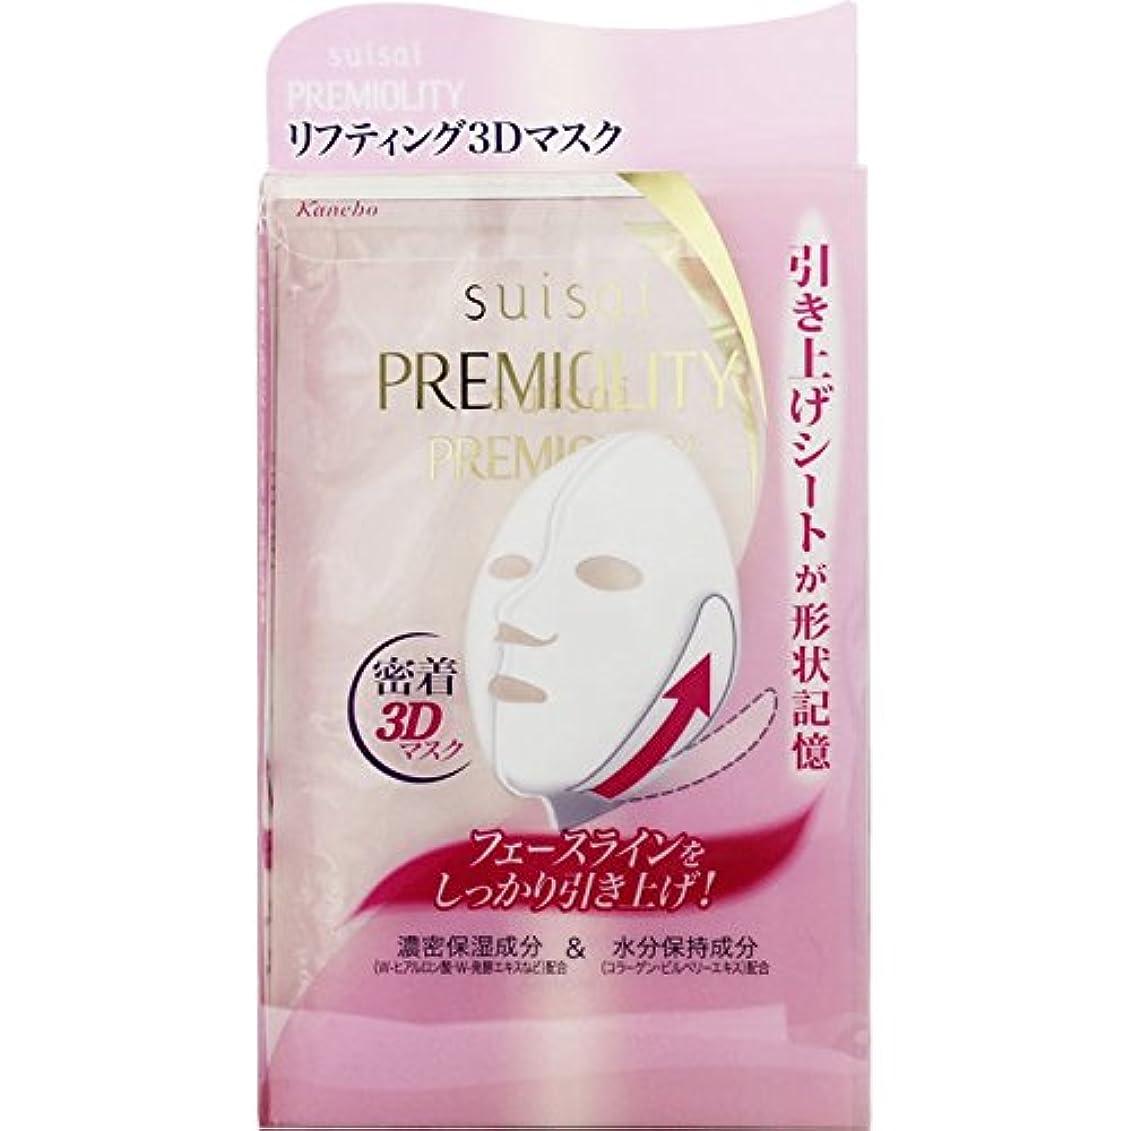 承認巻き取り盲目カネボウ suisai プレミオリティ リフトモイスチャー3Dマスク